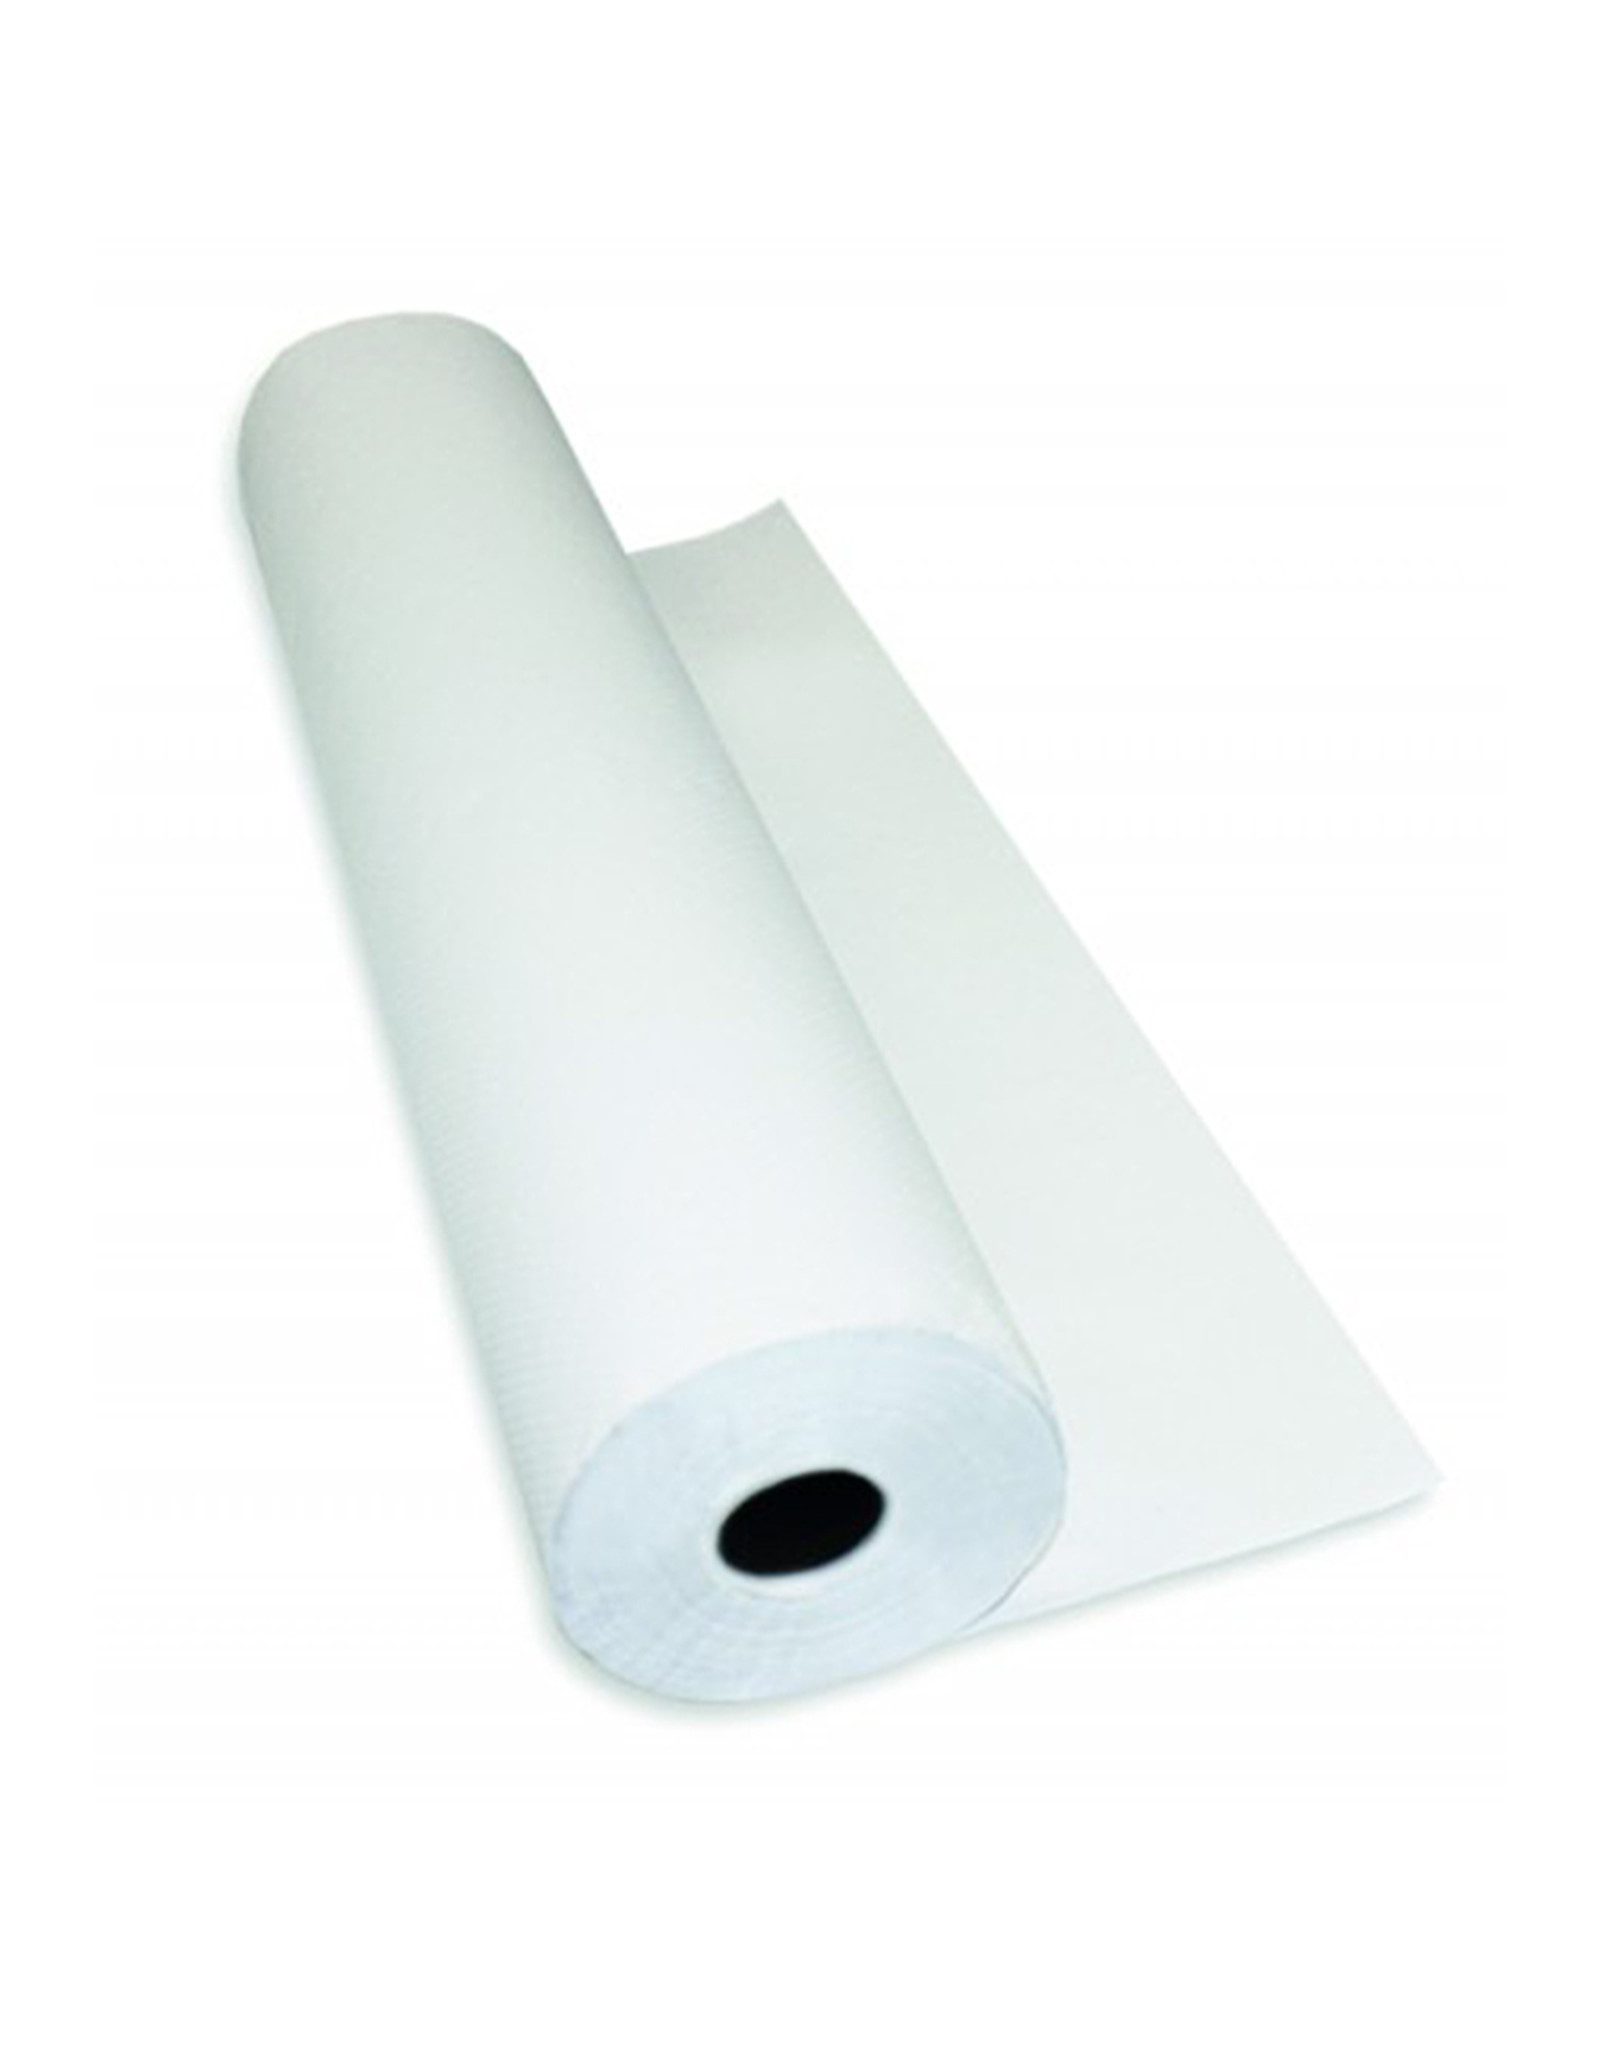 QUICKEPIL Papierrol voor behandeltafel 60 cm x 60 m